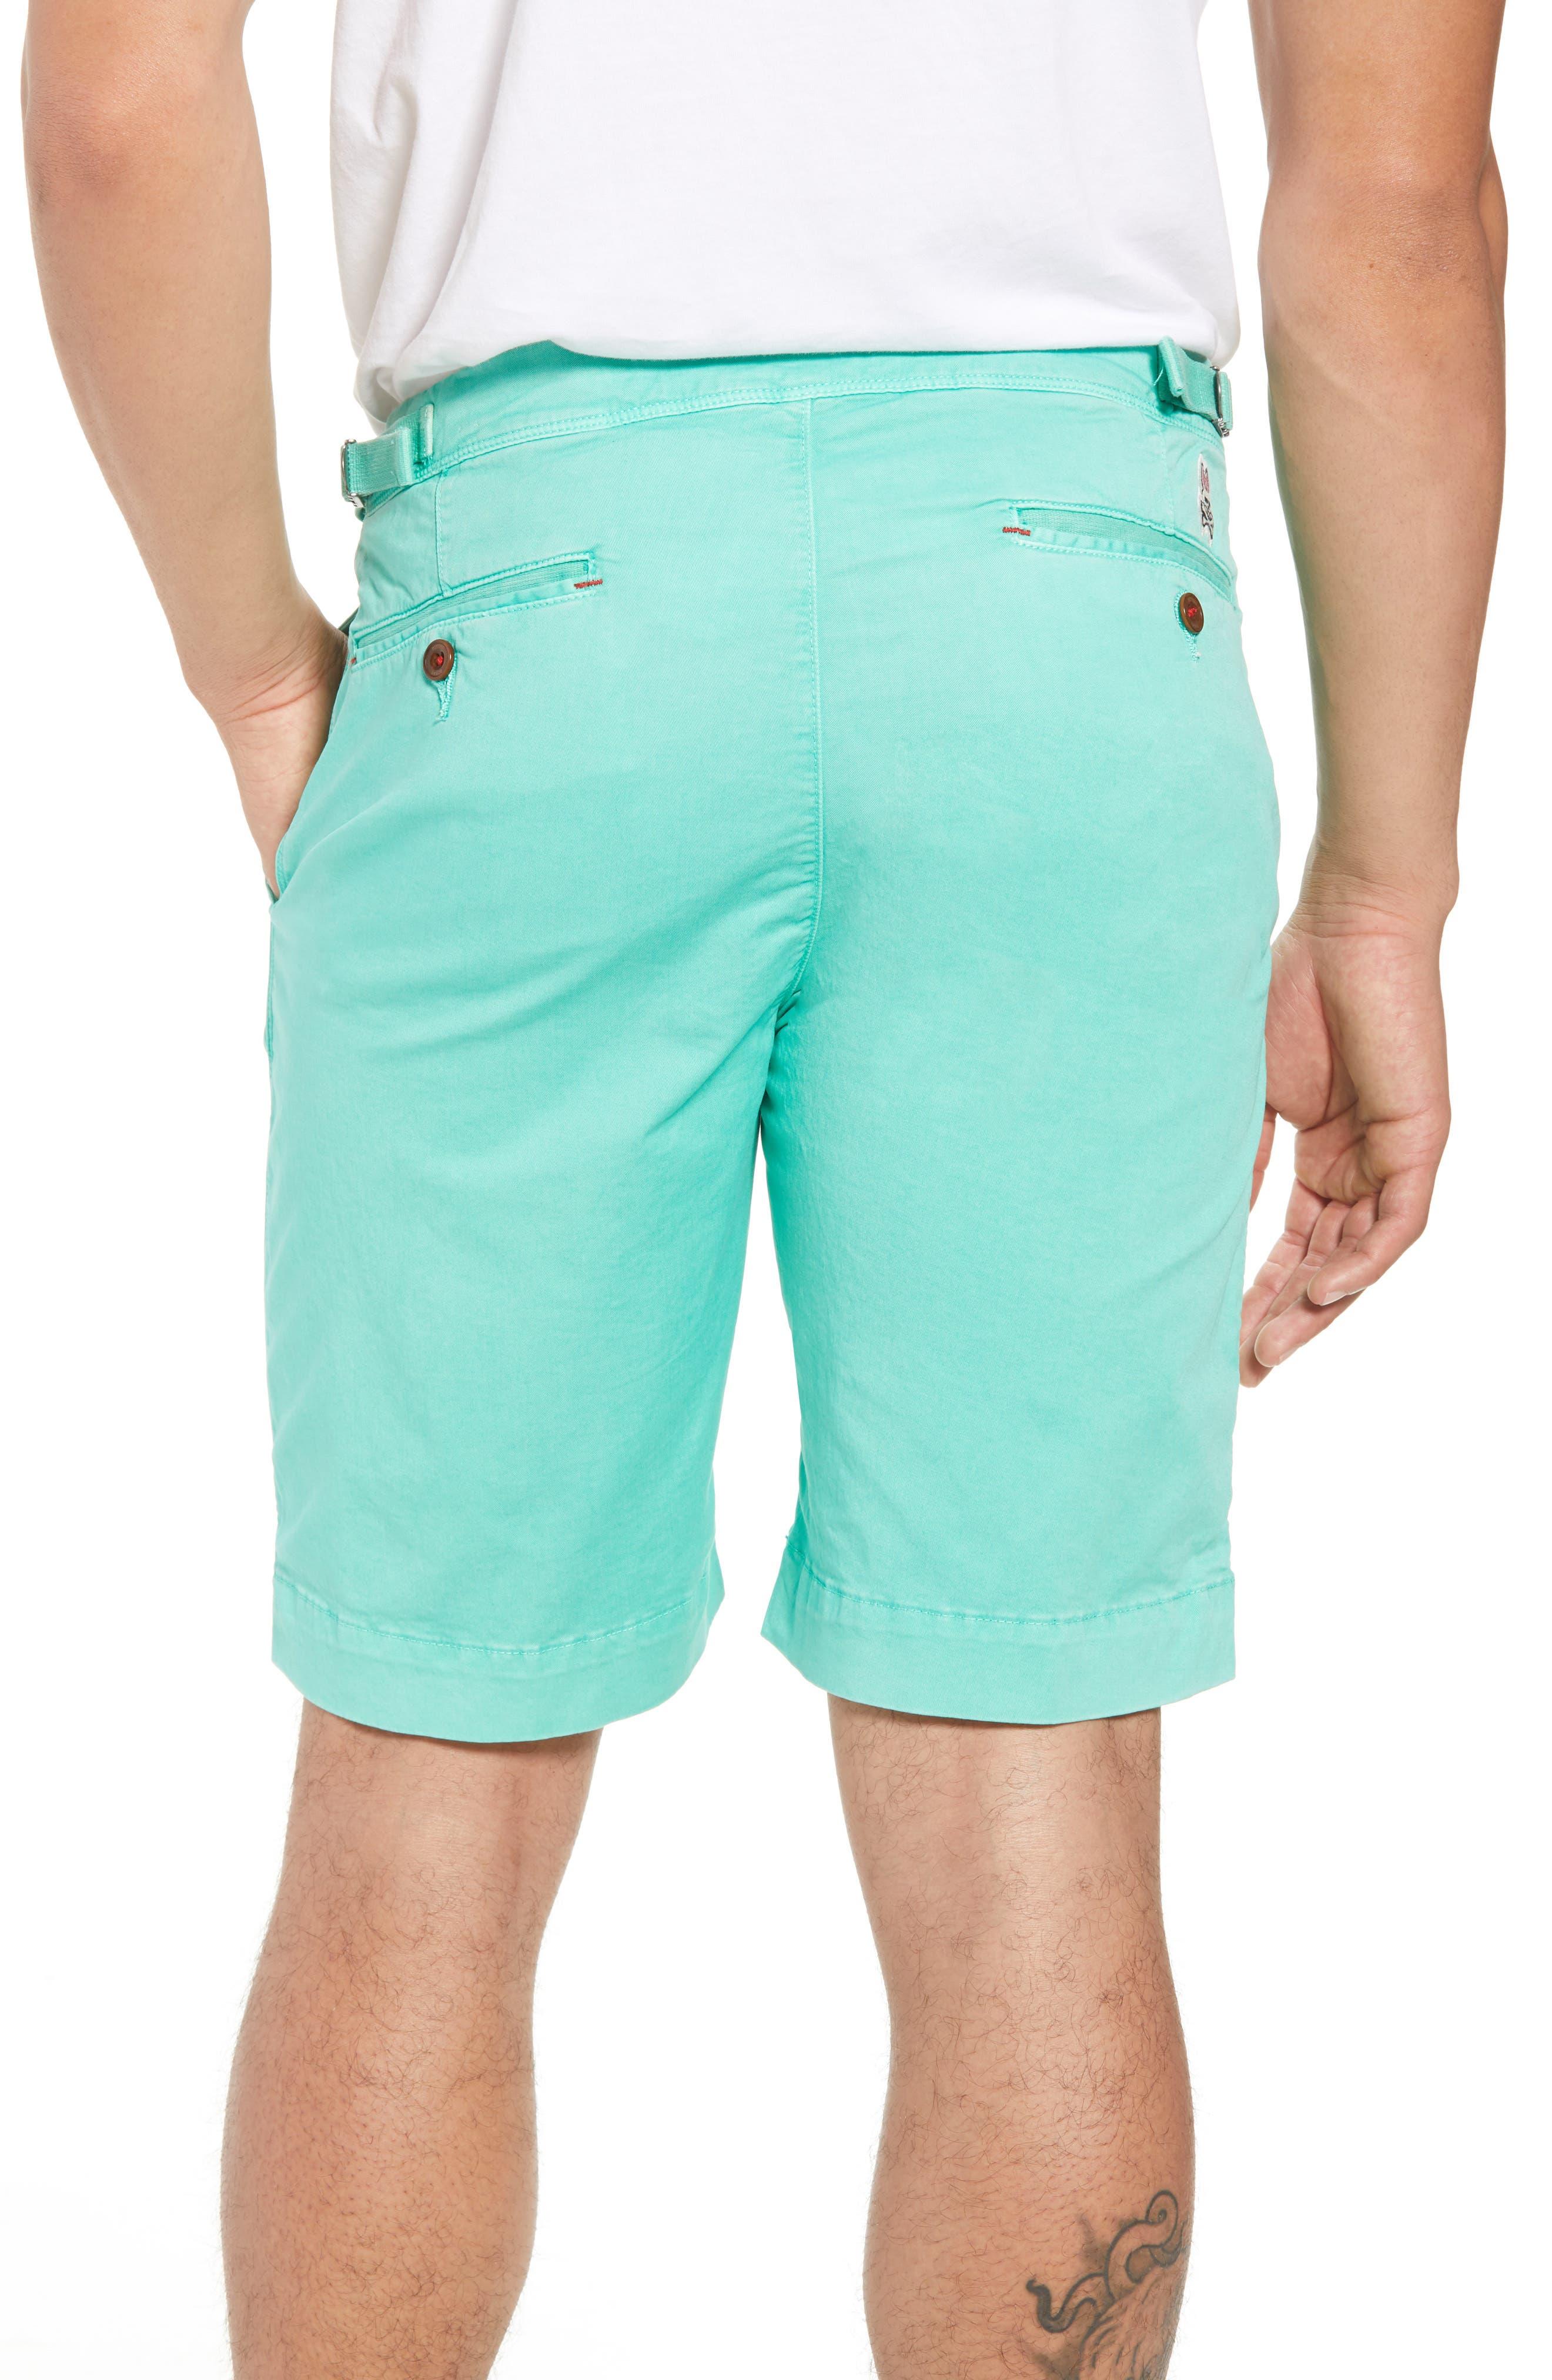 Triumph Shorts,                             Alternate thumbnail 23, color,